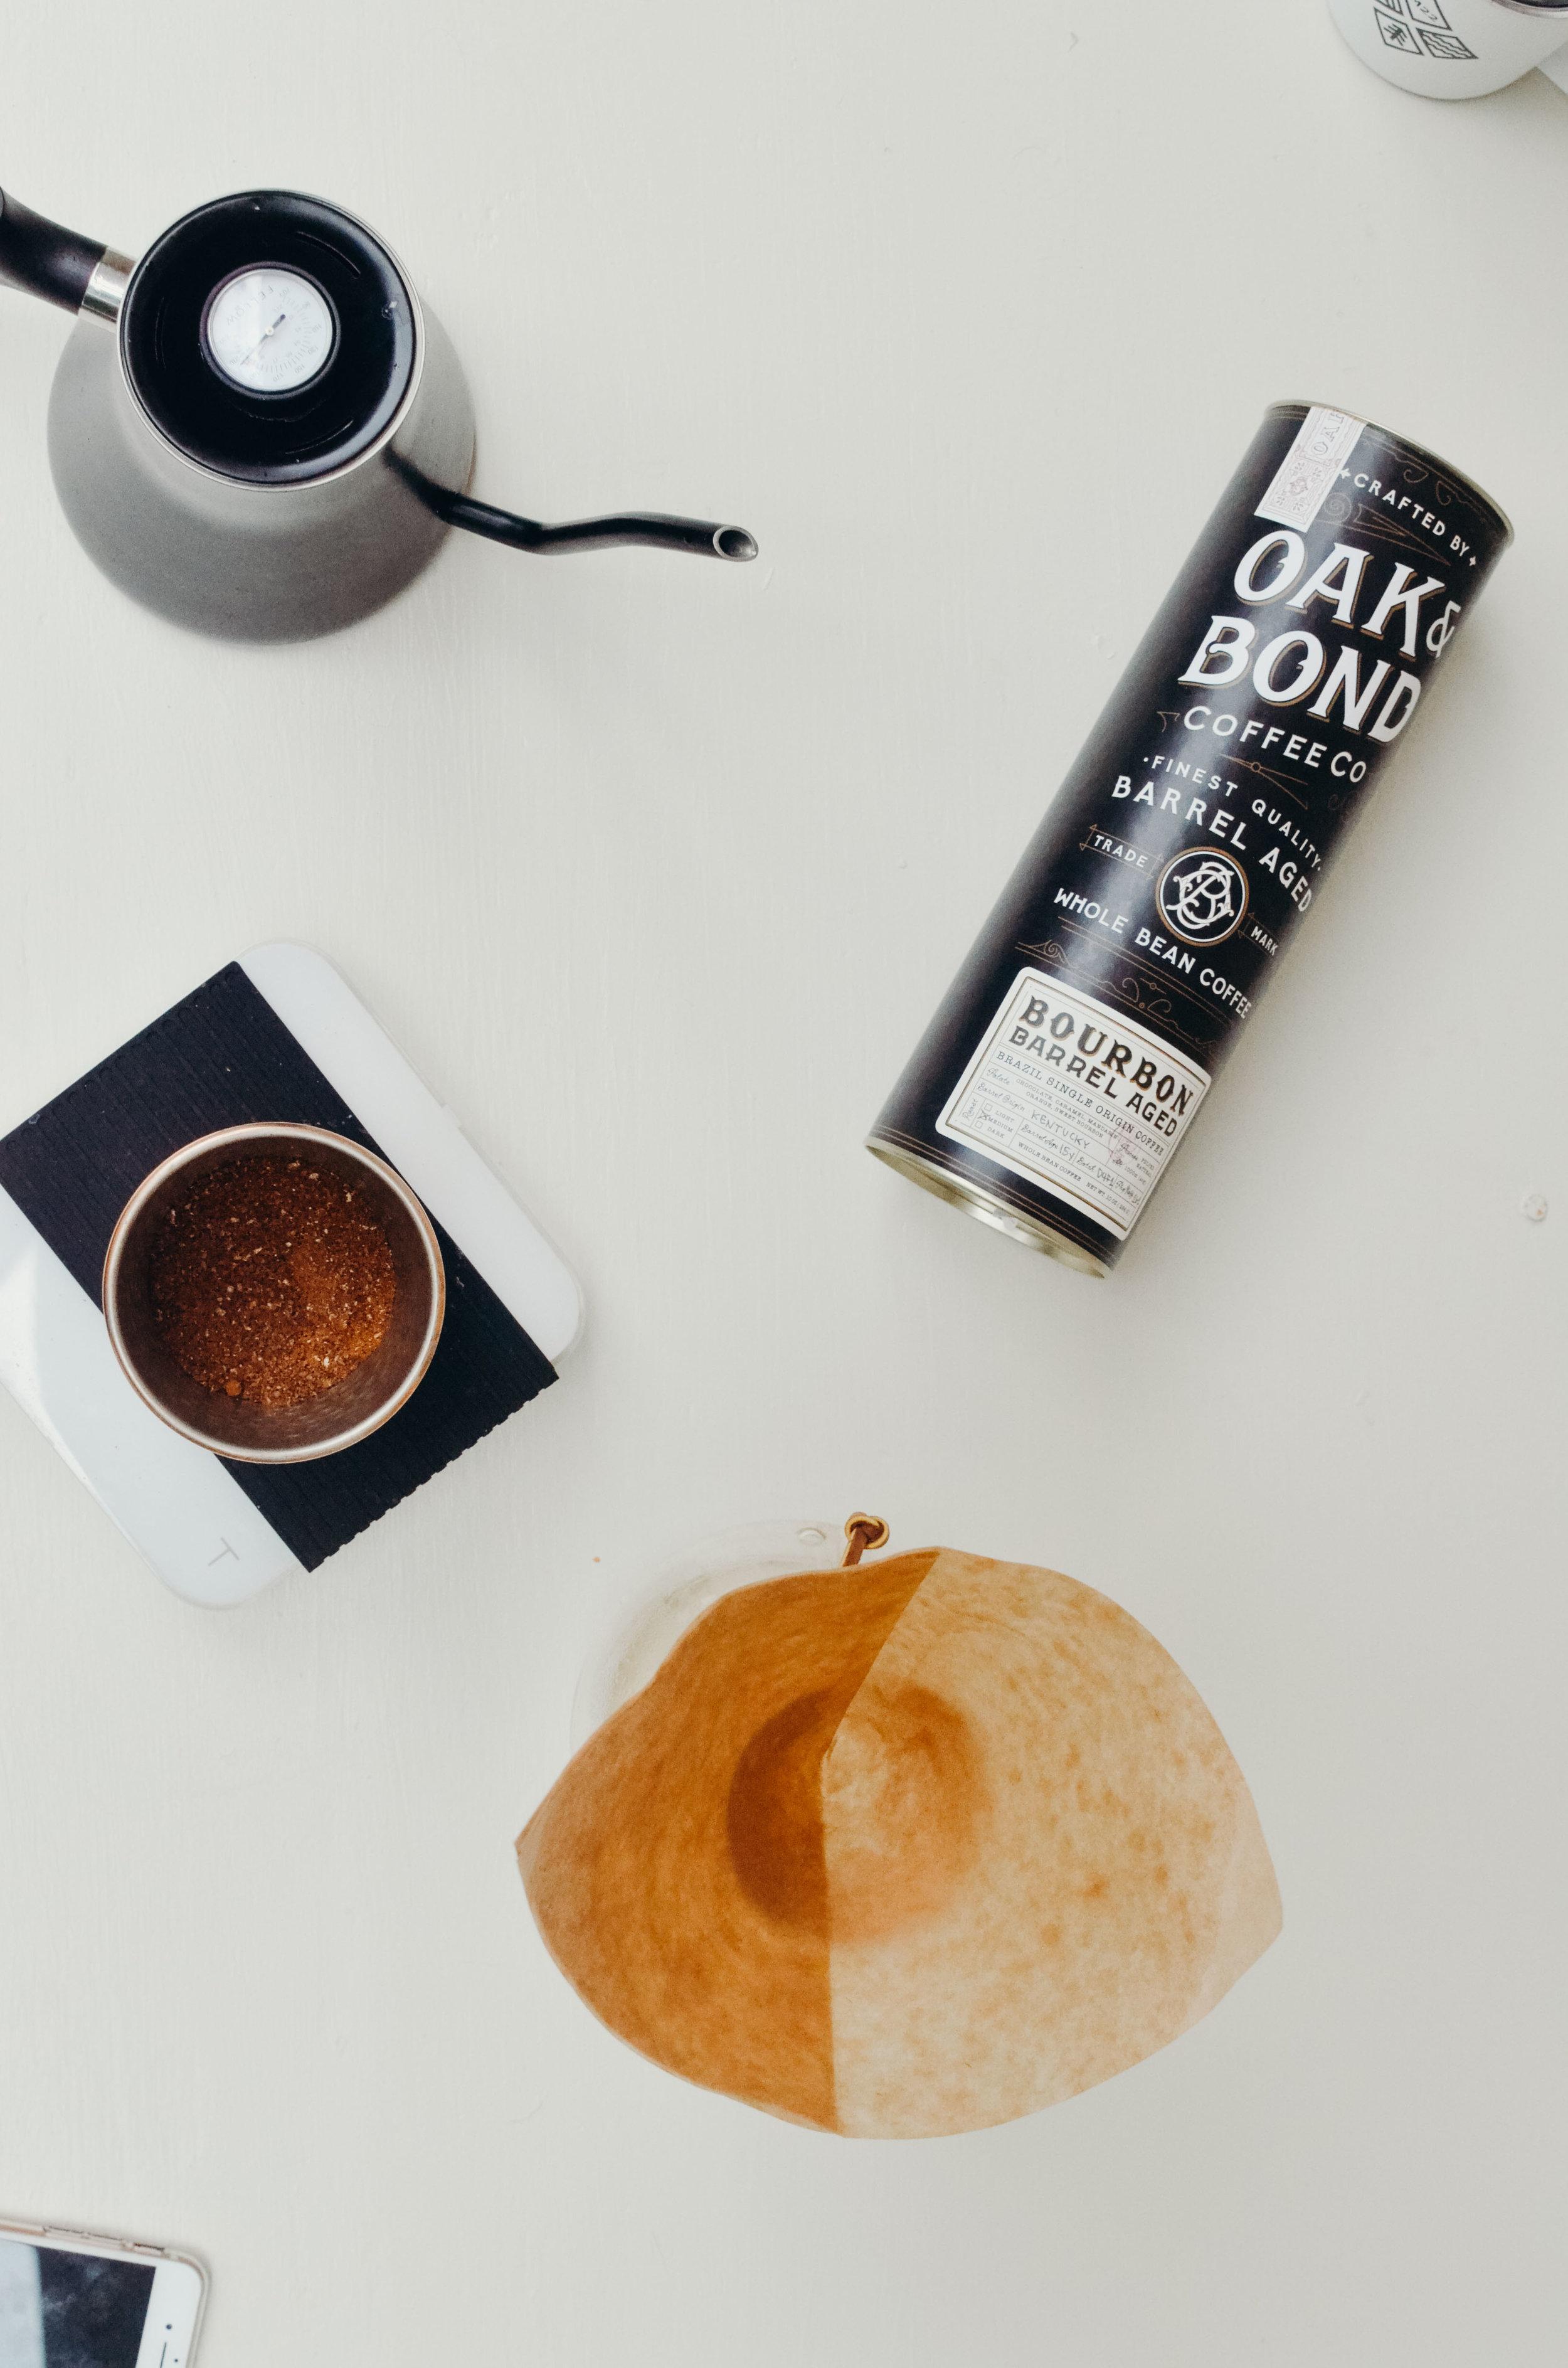 Wendling_Boyd_Oak_Bond_Coffee-4.jpg